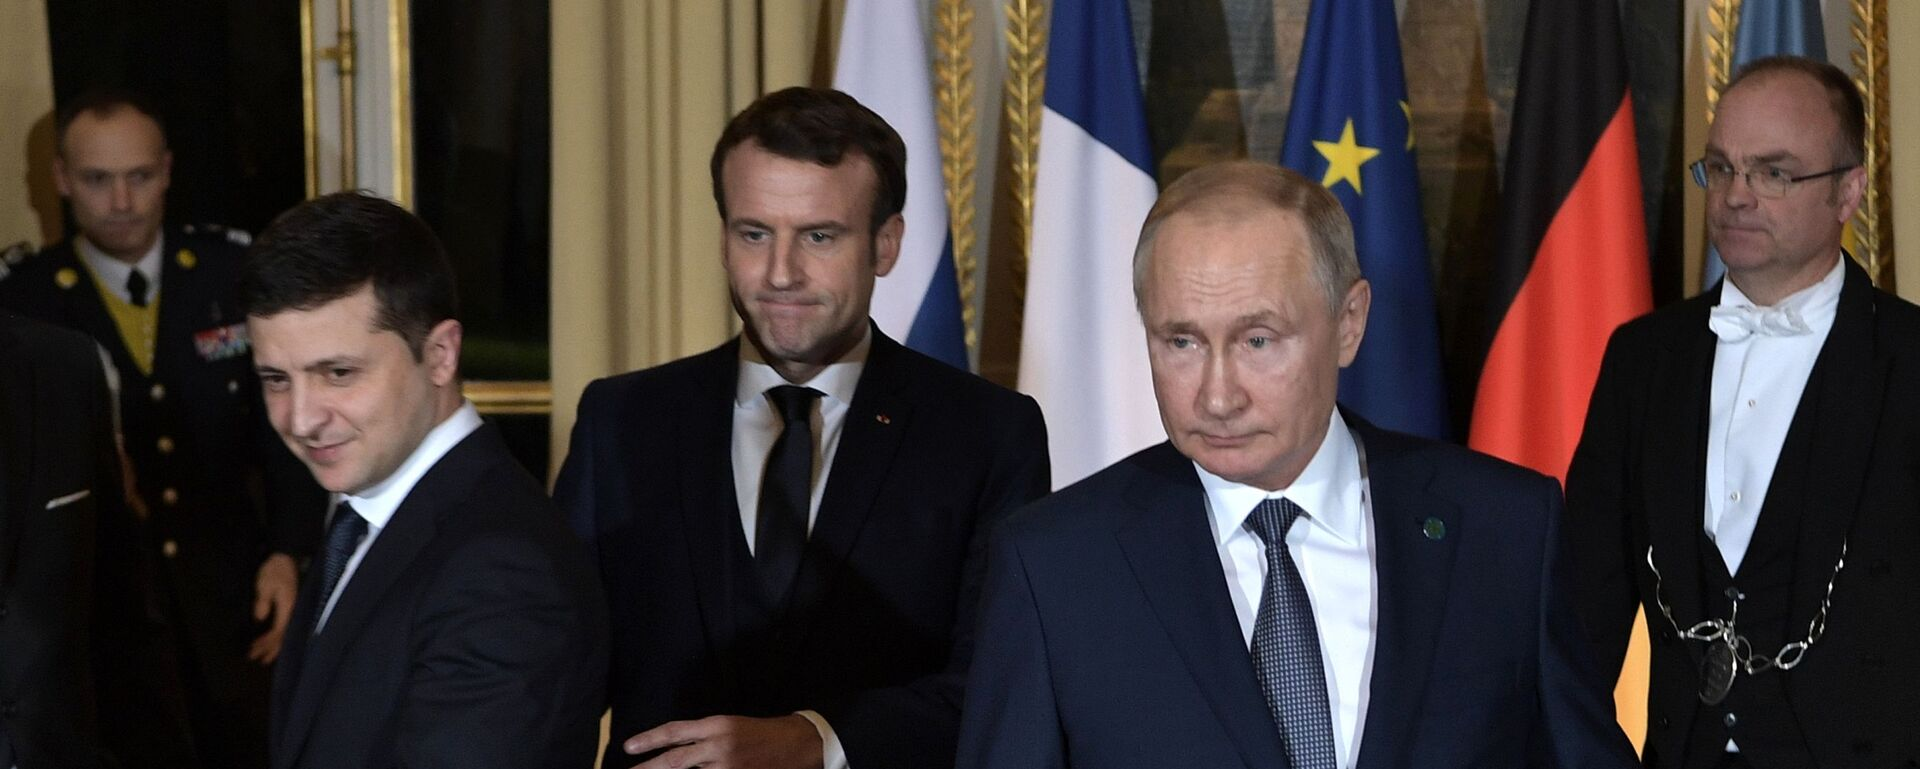 """Szczyt """"normandzkiej czwórki"""" w Paryżu. Wołodymyr Zełenski, Emmanuel Macron i Władimir Putin. - Sputnik Polska, 1920, 09.03.2021"""